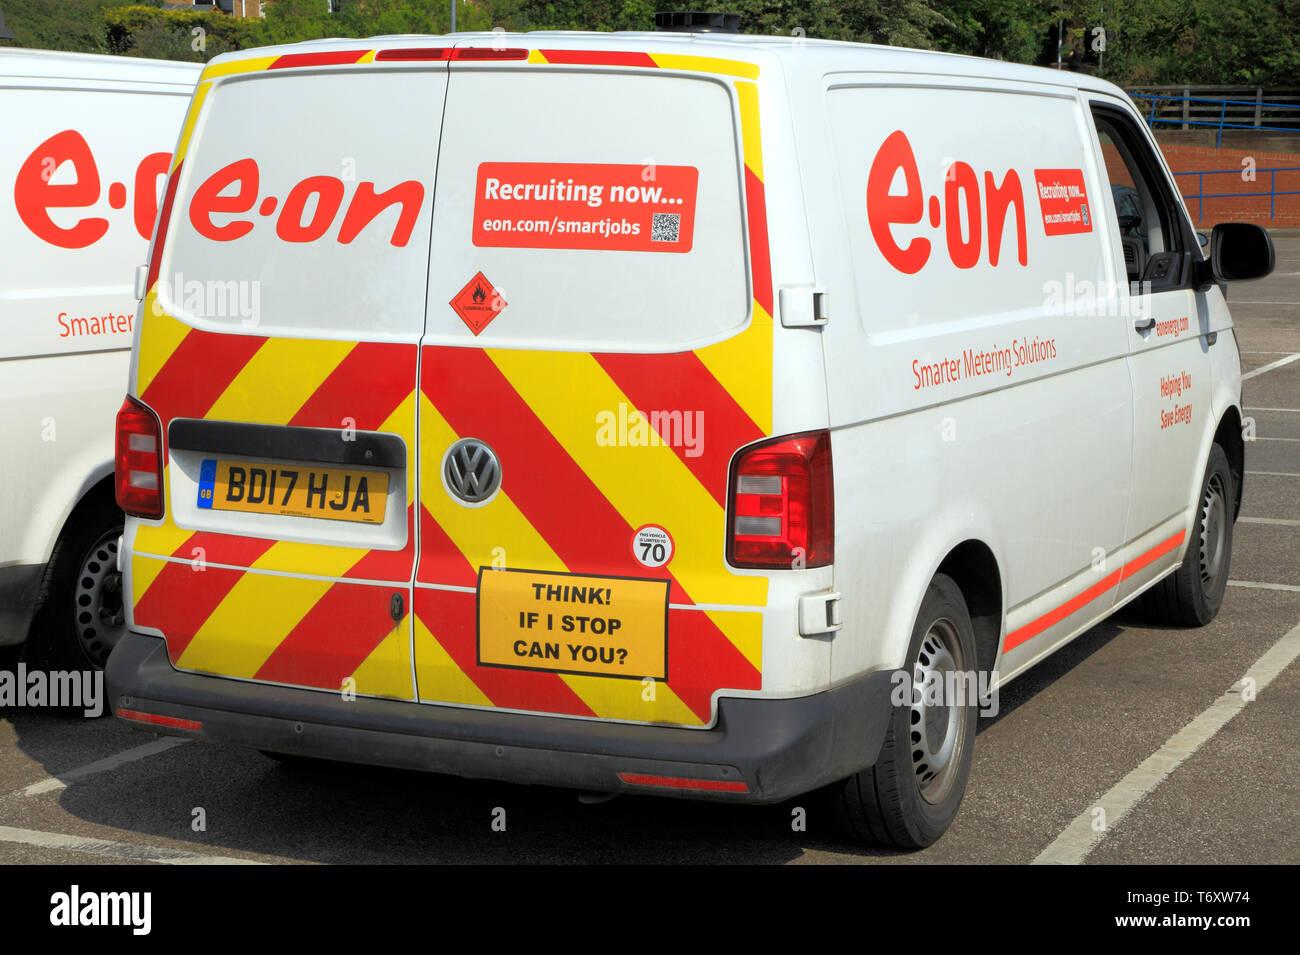 E.on, E.ON. elettricità, fornitore, UK, van, veicolo Immagini Stock